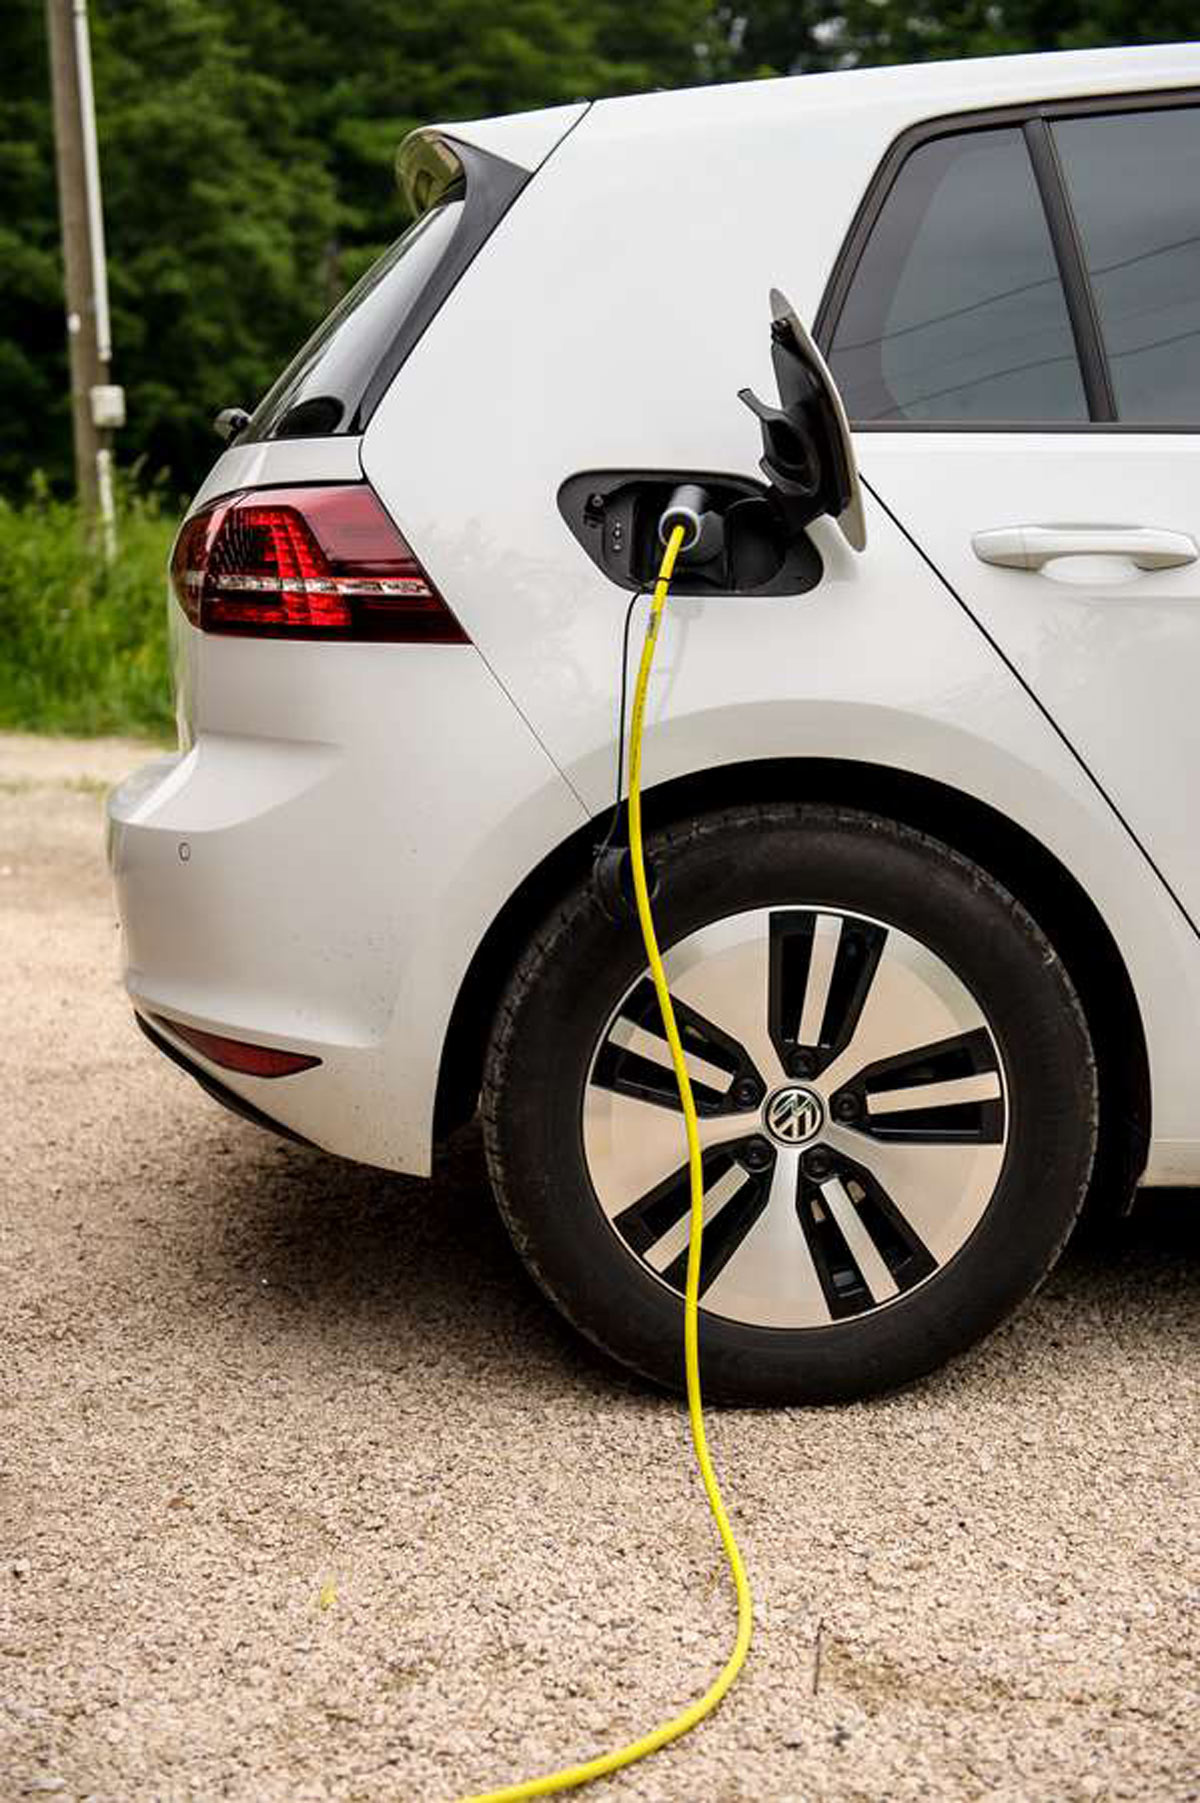 Energieversorgung: Ist die PV-Anlage ausreichend groß und hat der Speicher genug Kapazität und Leistung, kann der Strom gespeichert und für das Laden des E-Autos genutzt werden.